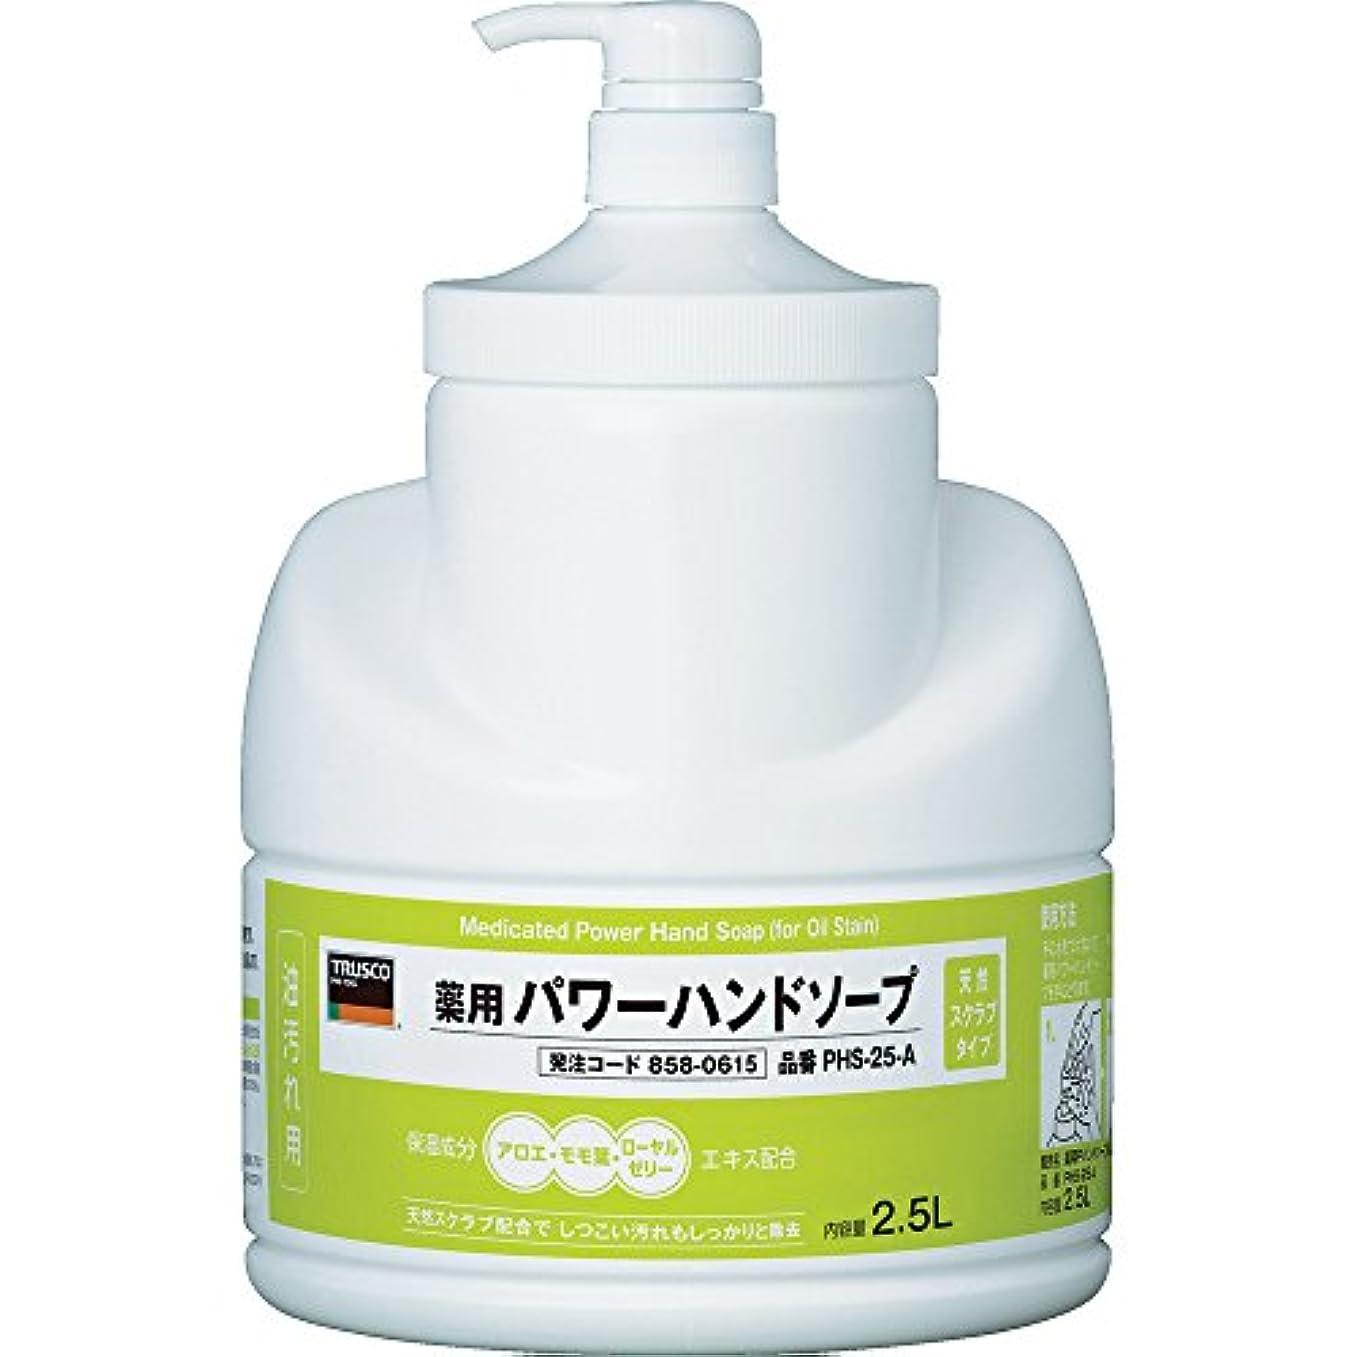 ゴム遅い魚TRUSCO(トラスコ) 薬用パワーハンドソープポンプボトル 2.5L PHS-25-A